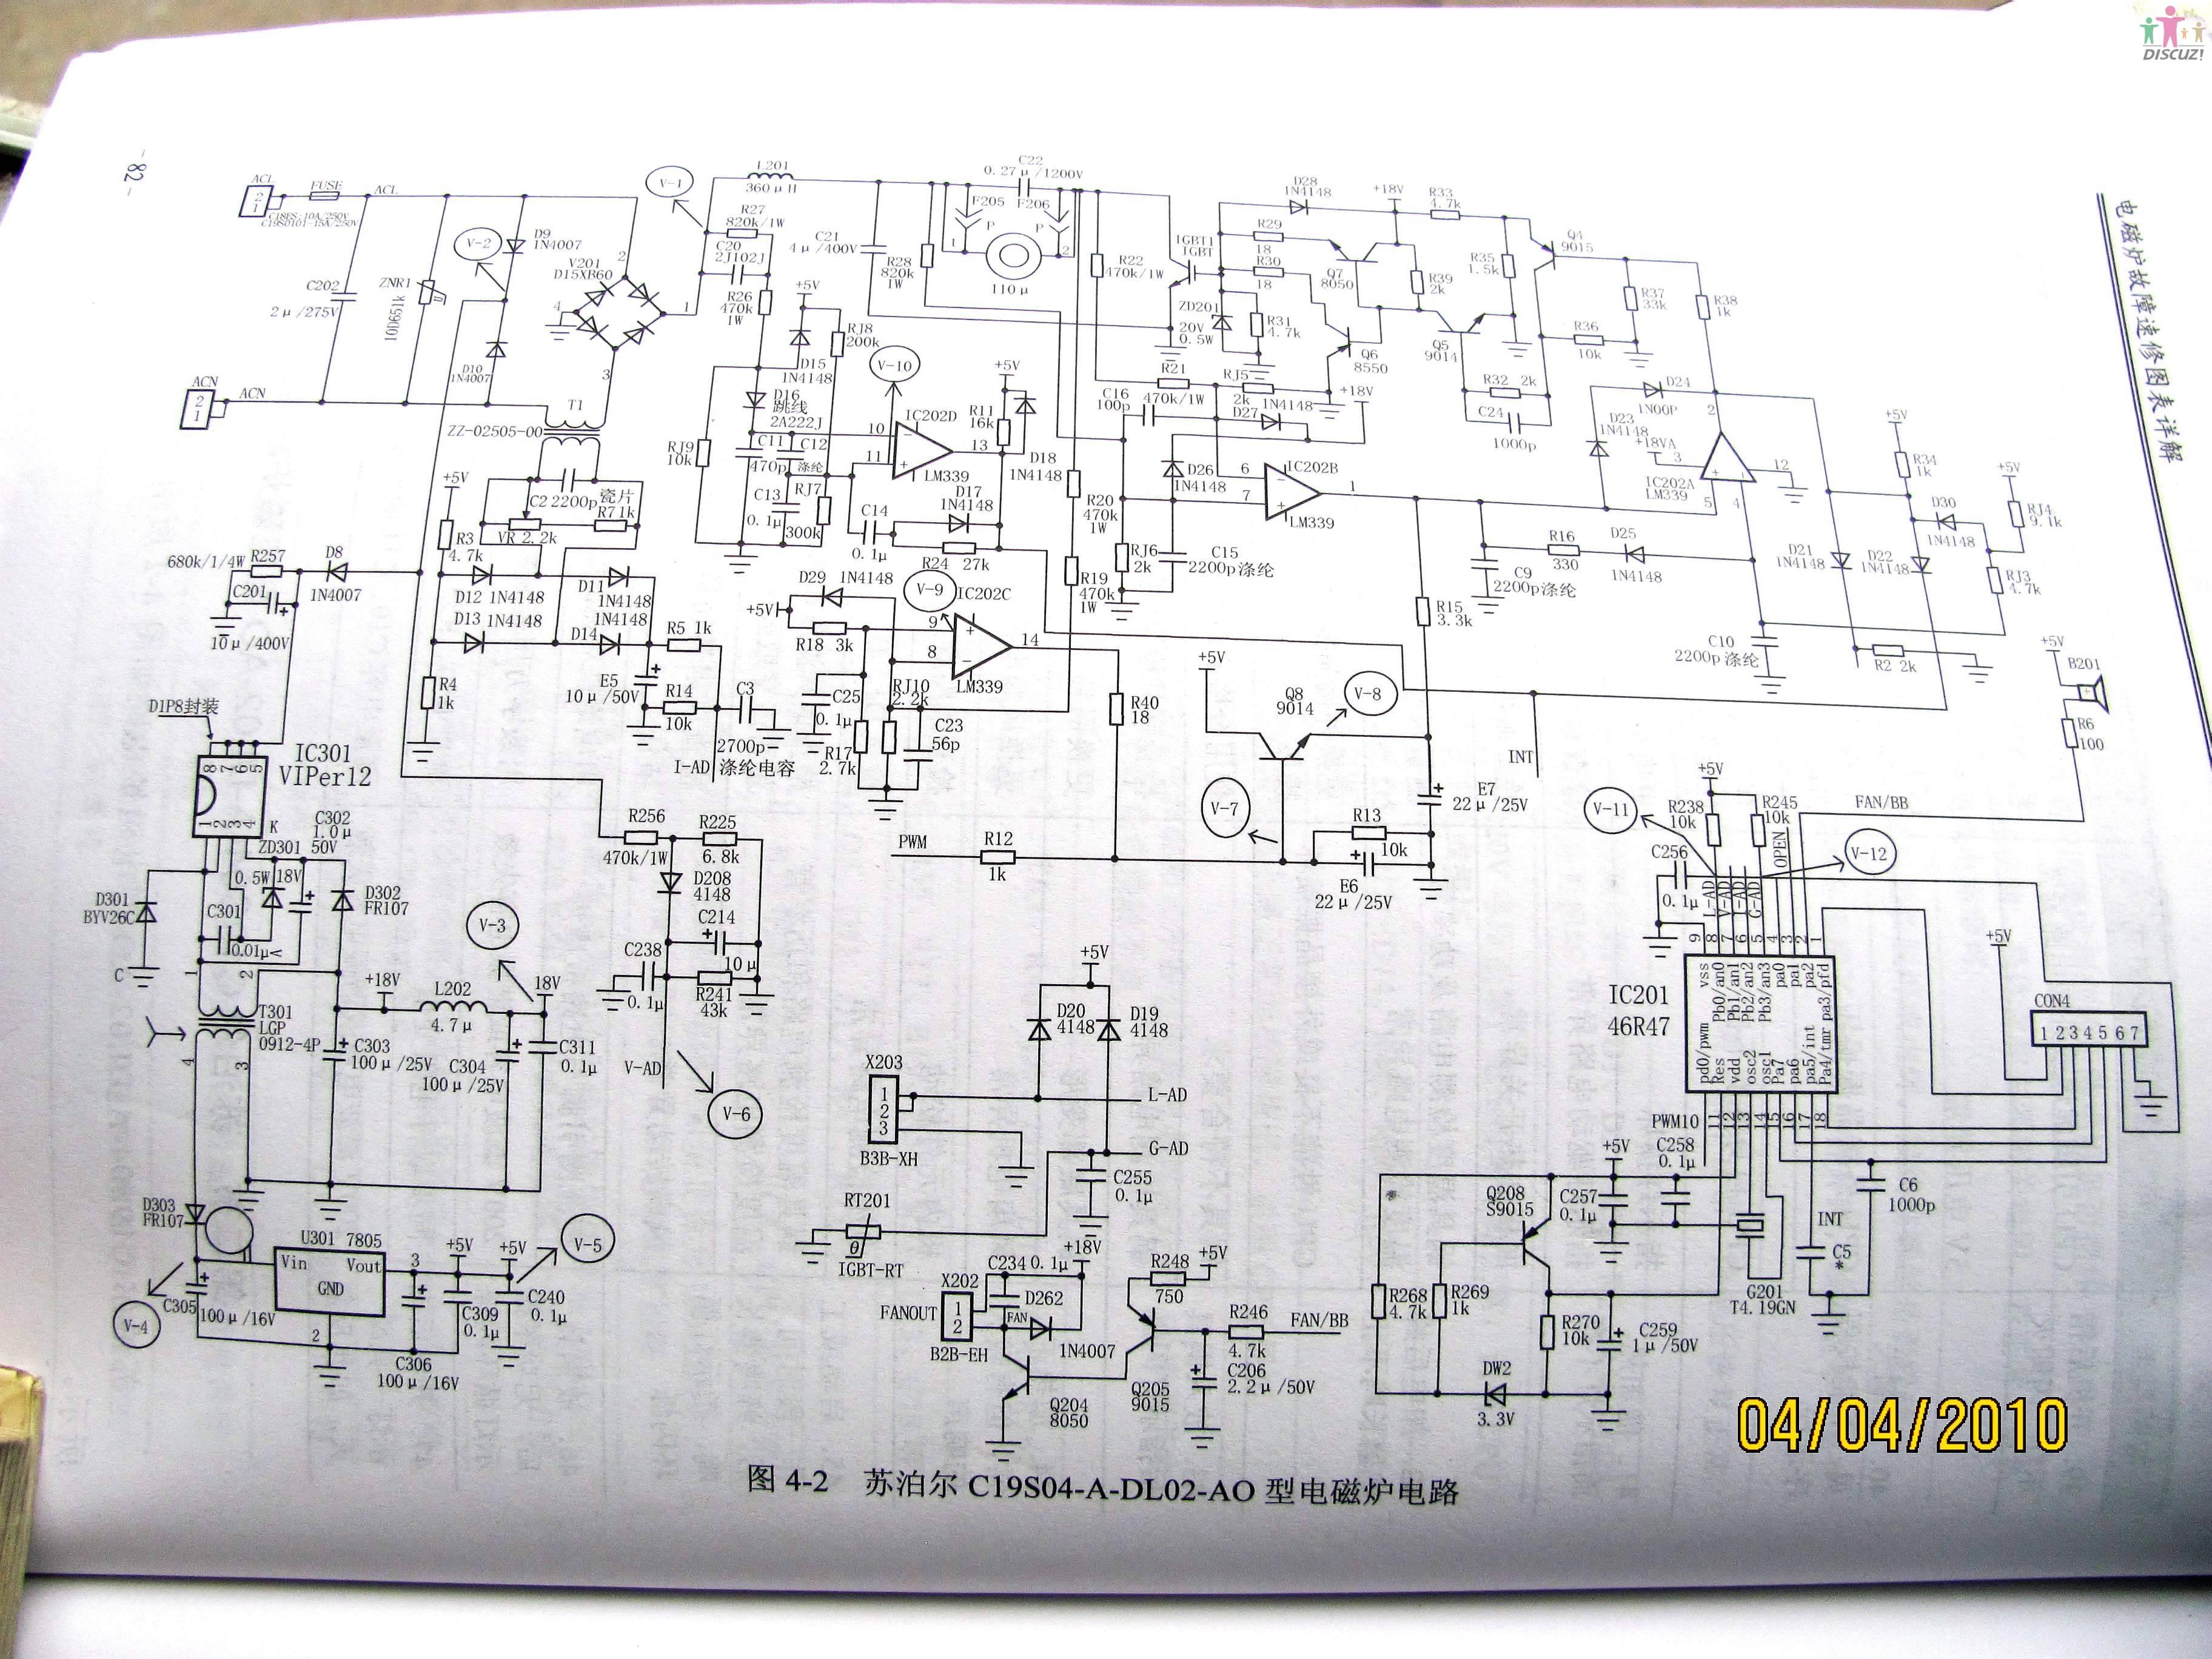 苏泊尔电磁炉c21s22-s电路原理图[1]  (474.